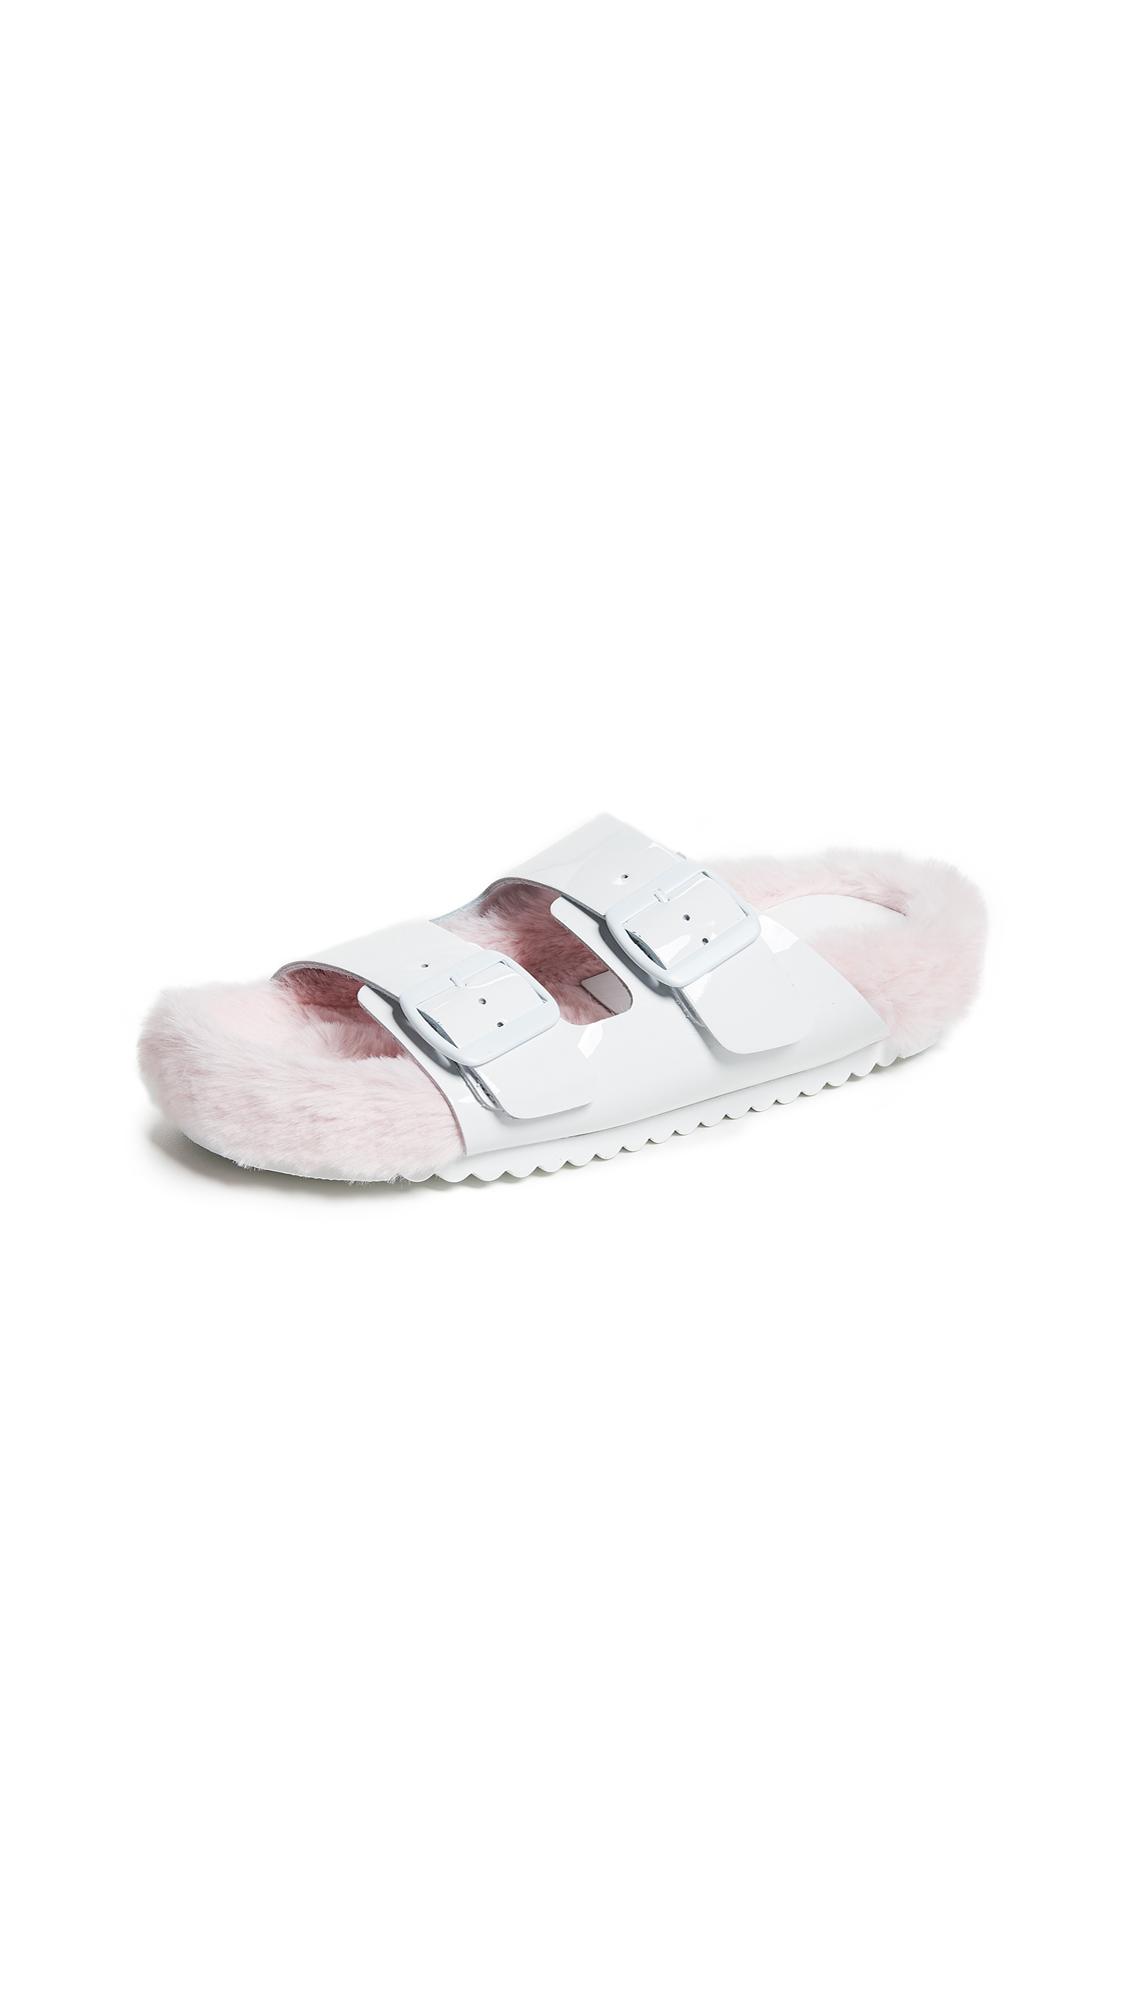 Jeffrey Campbell Tonga Slides - White/Pink